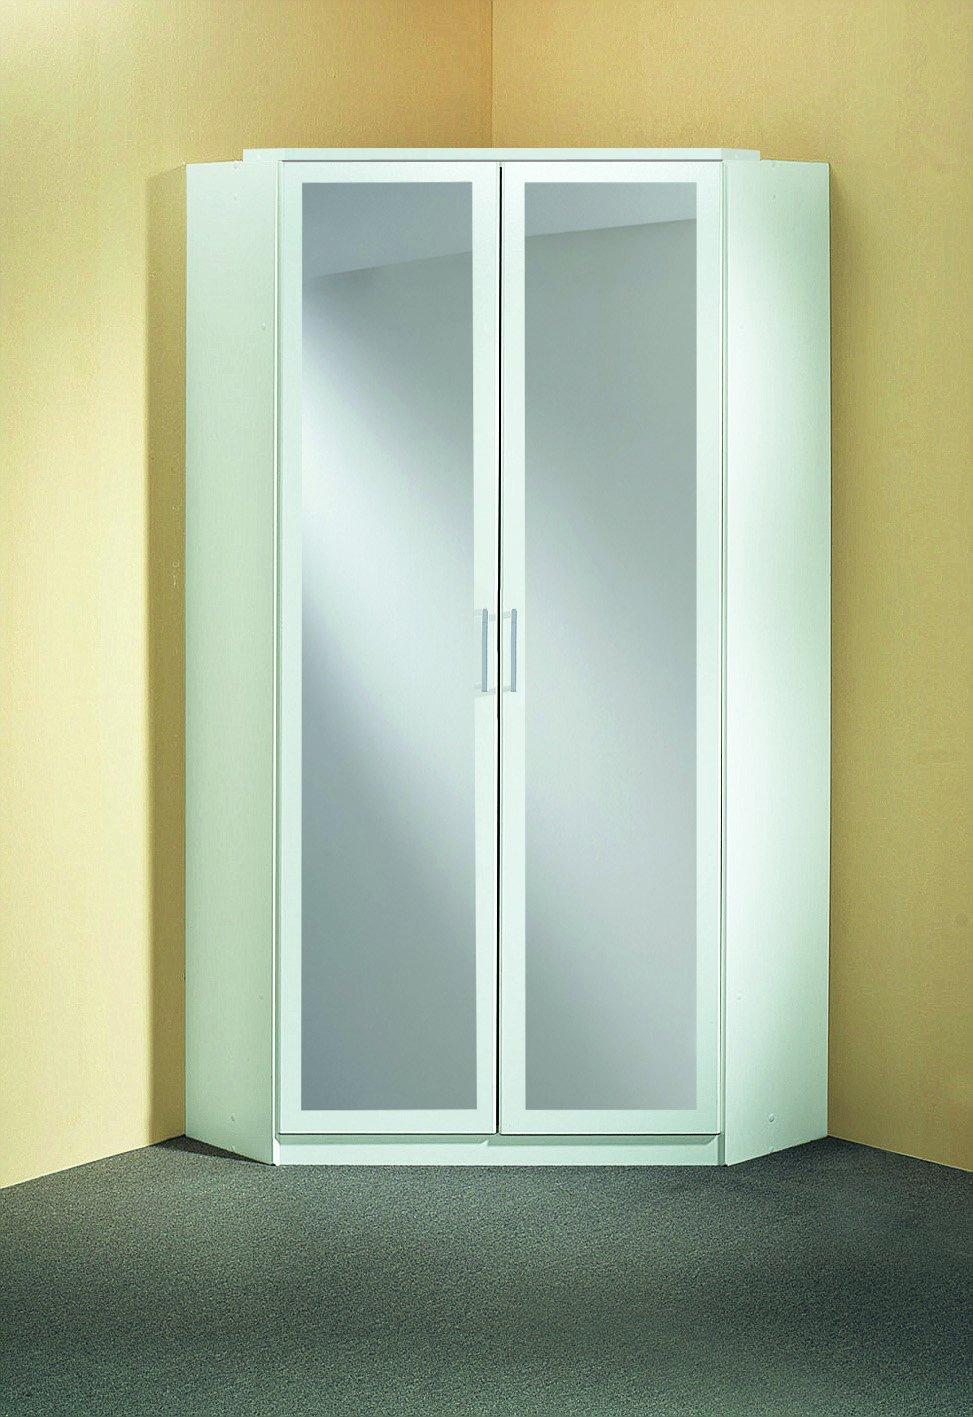 Wimex 147543 Eck-Kleiderschrank, 95 x 198 x 95 cm, 2-türig mit ...